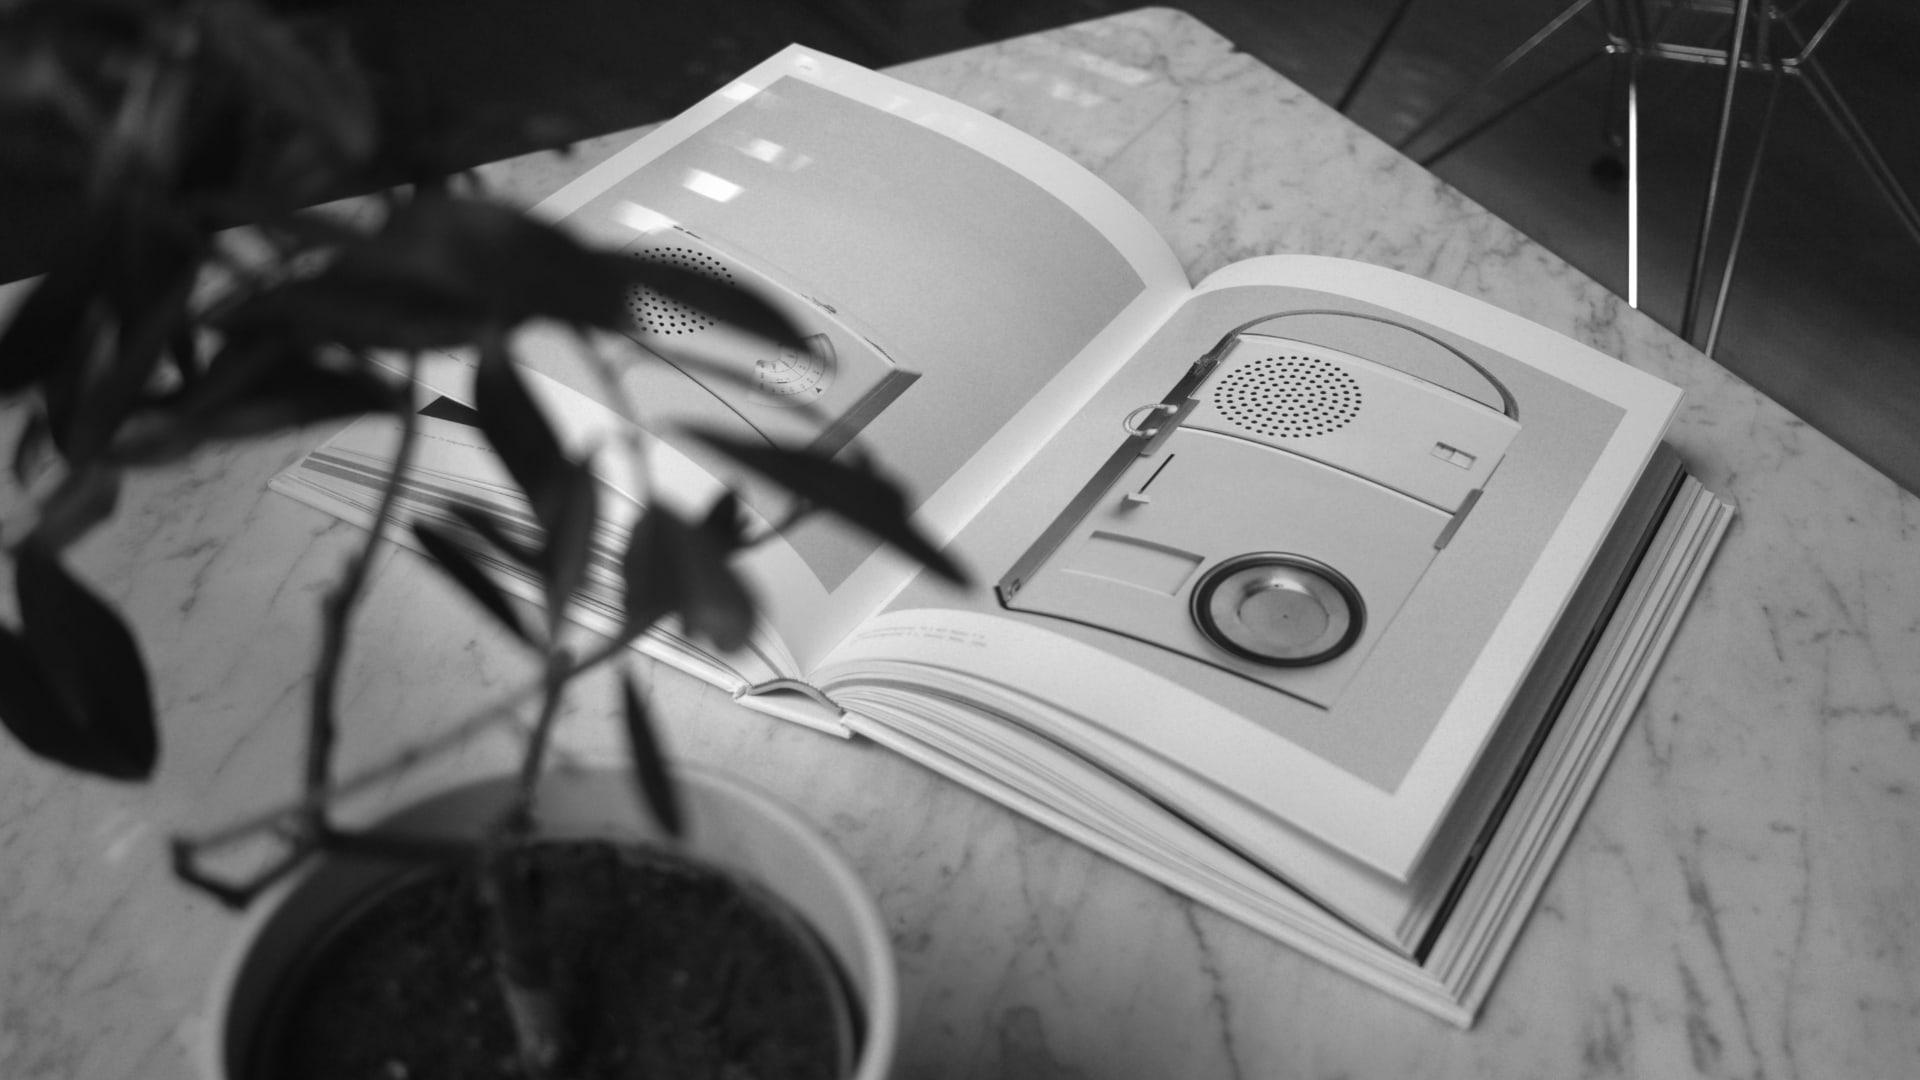 Abbildung der Biografie von Dieter Rams auf einem Tisch liegend